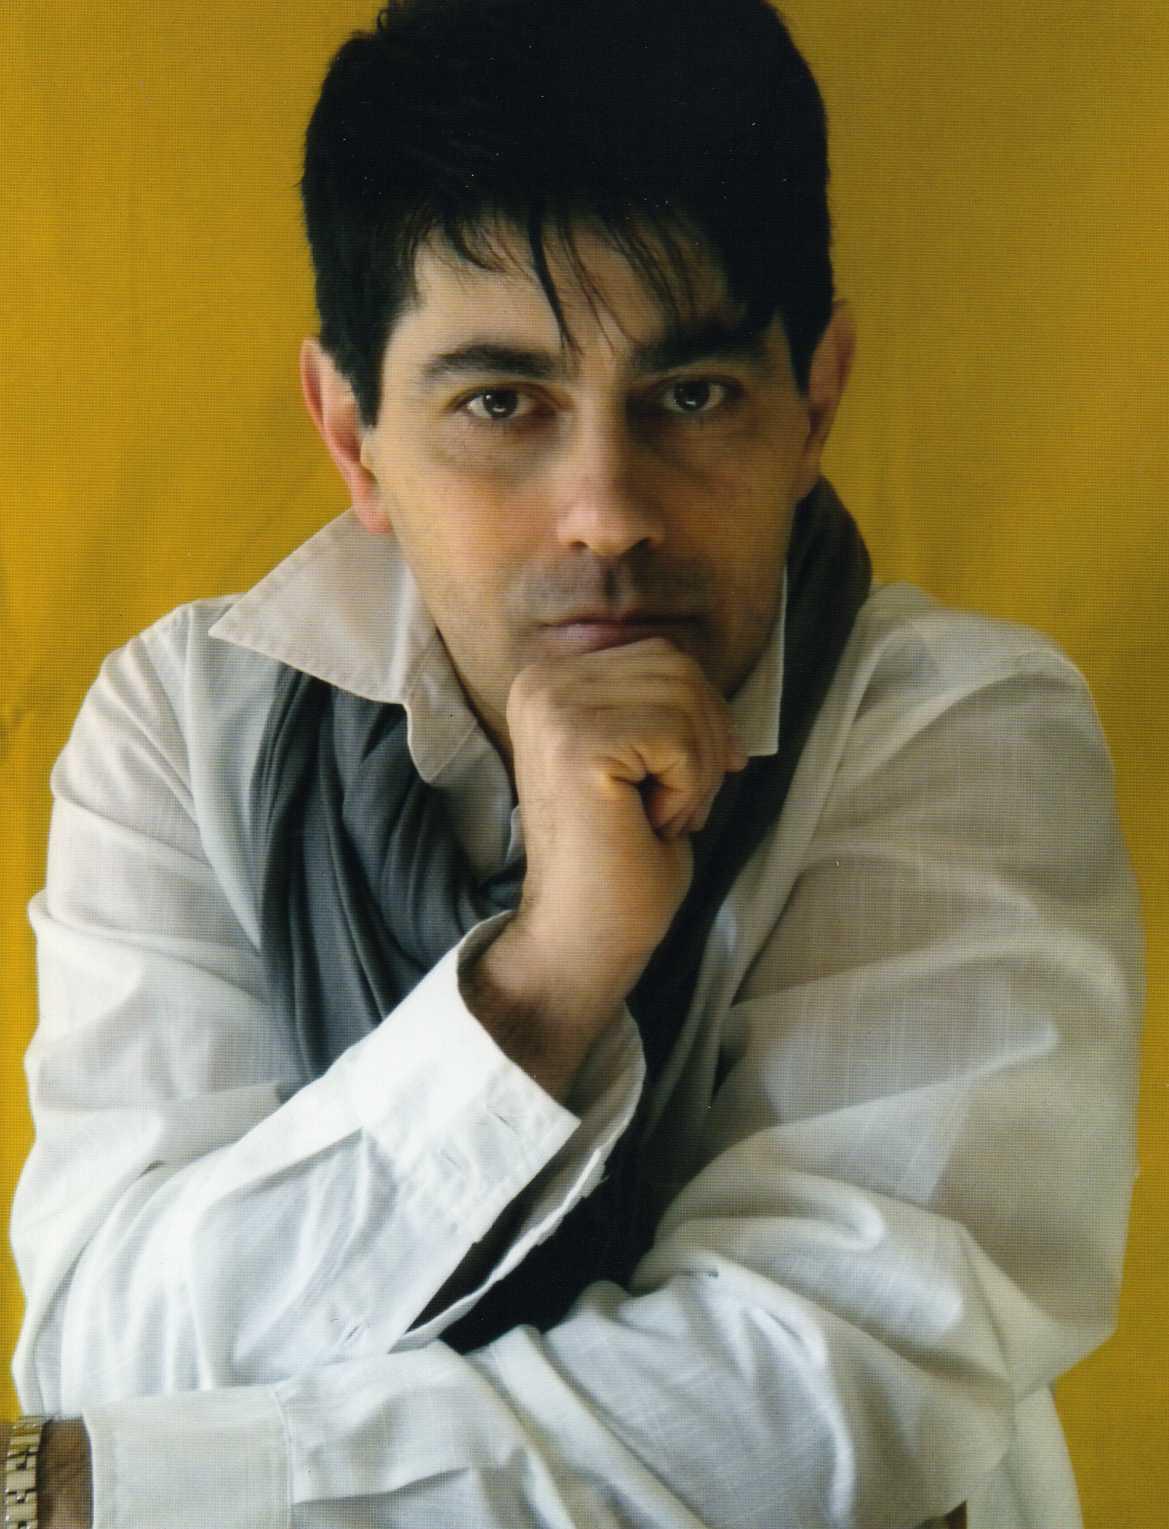 Daniele Miraflores